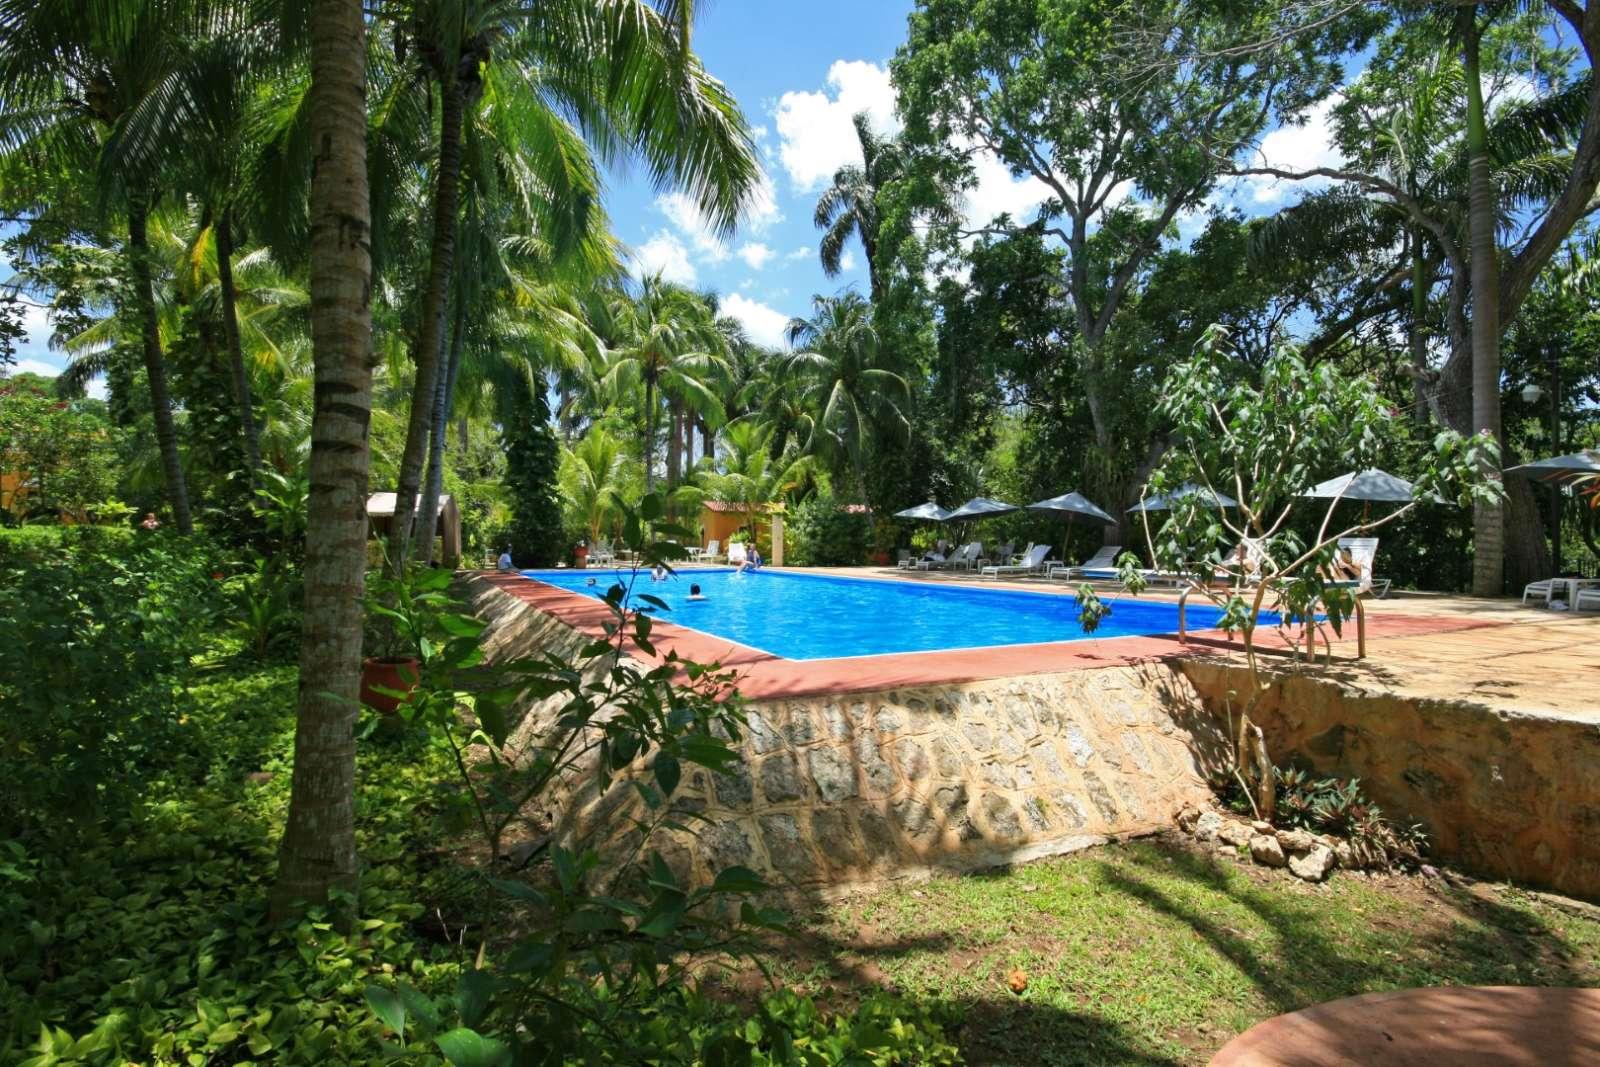 Swimming pool at Hacienda Chichen Itza